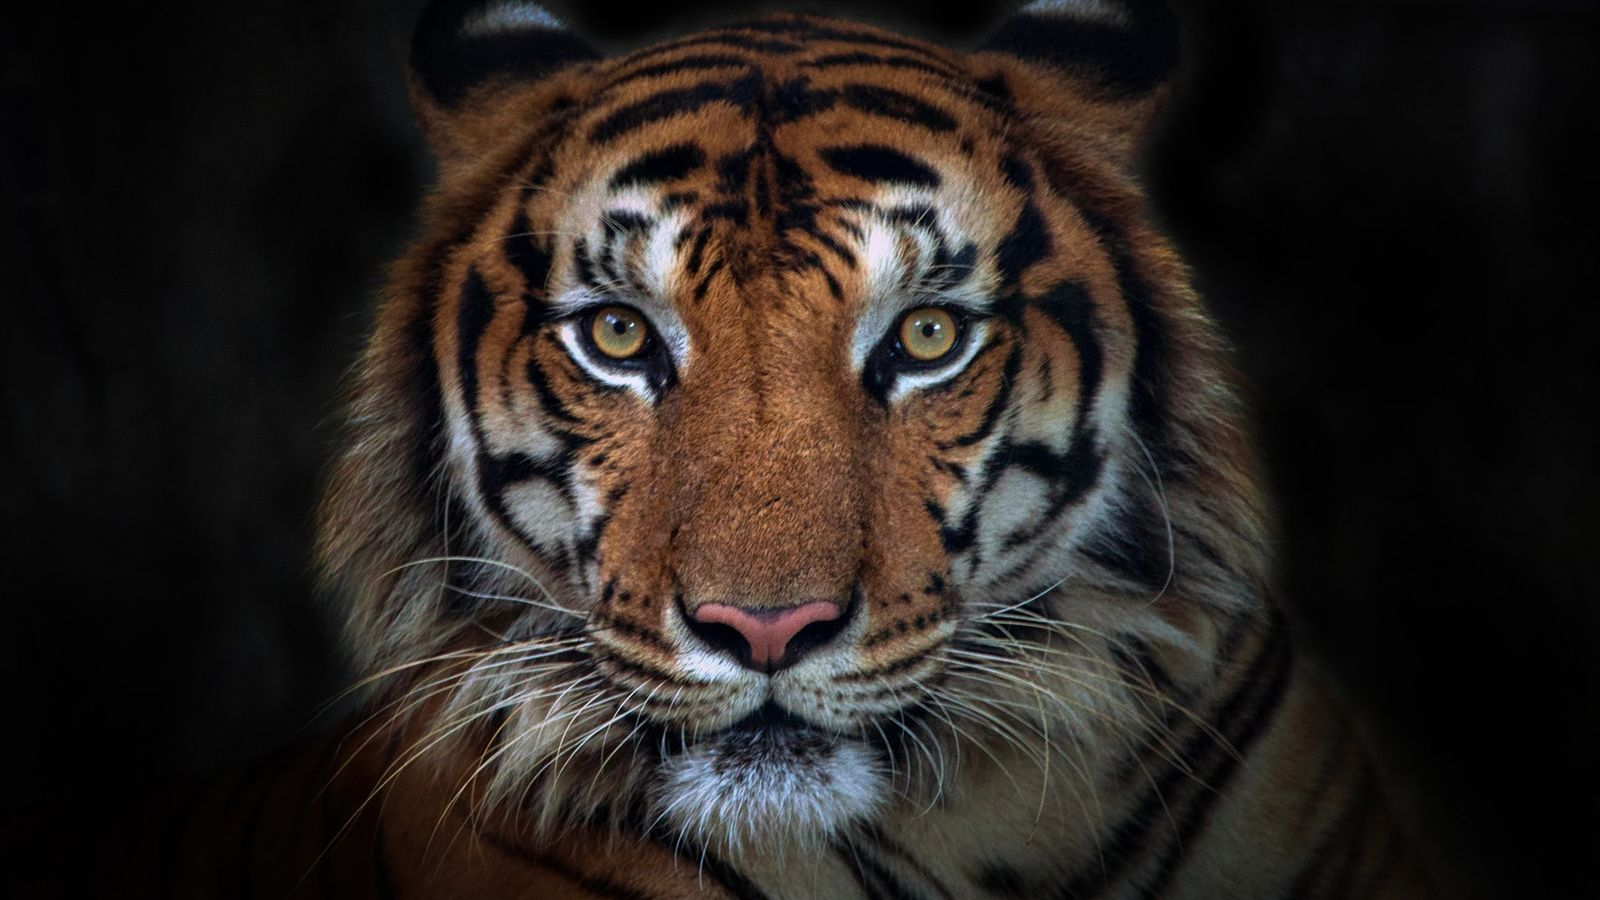 Angesteckt: Das Tiger-Weibchen Nadia wurde im April im Bronx Zoo positiv getestet. Sie gilt als erstes ...